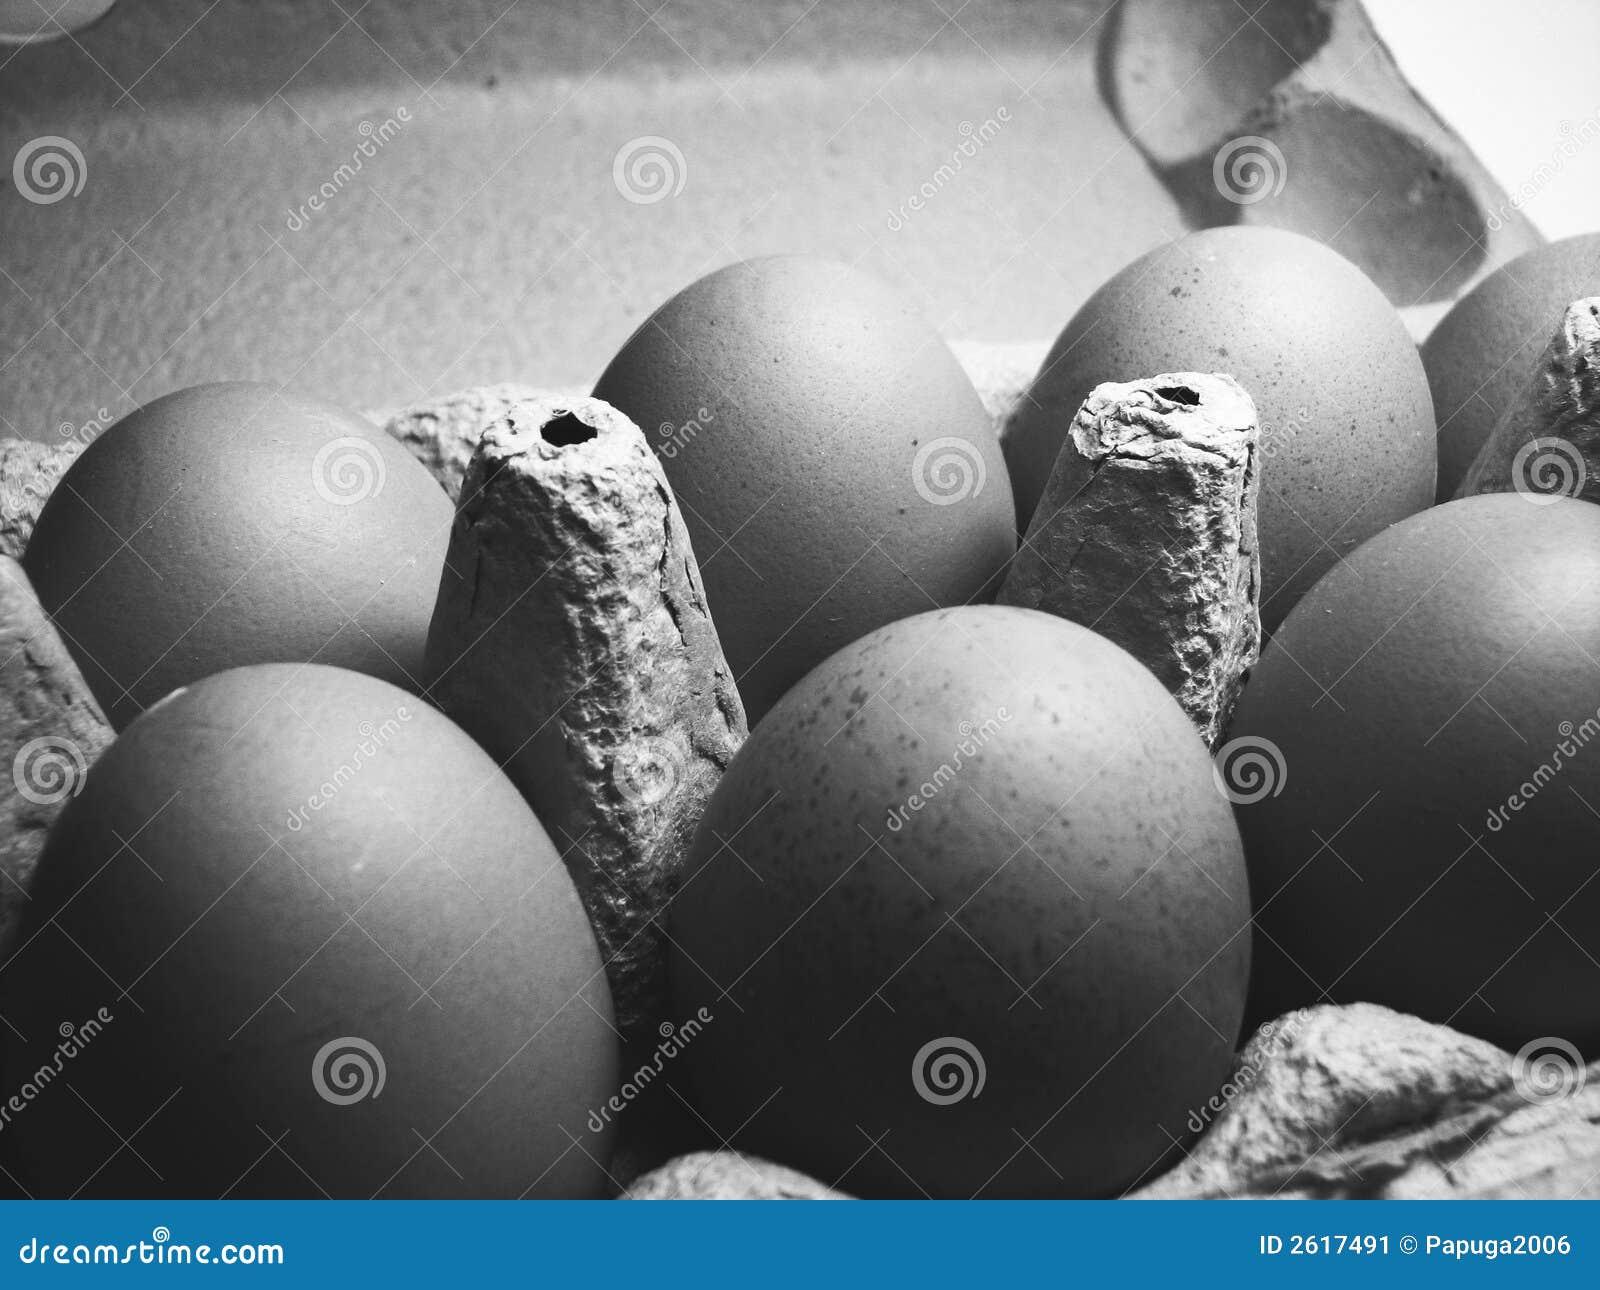 Czarne jaja białe